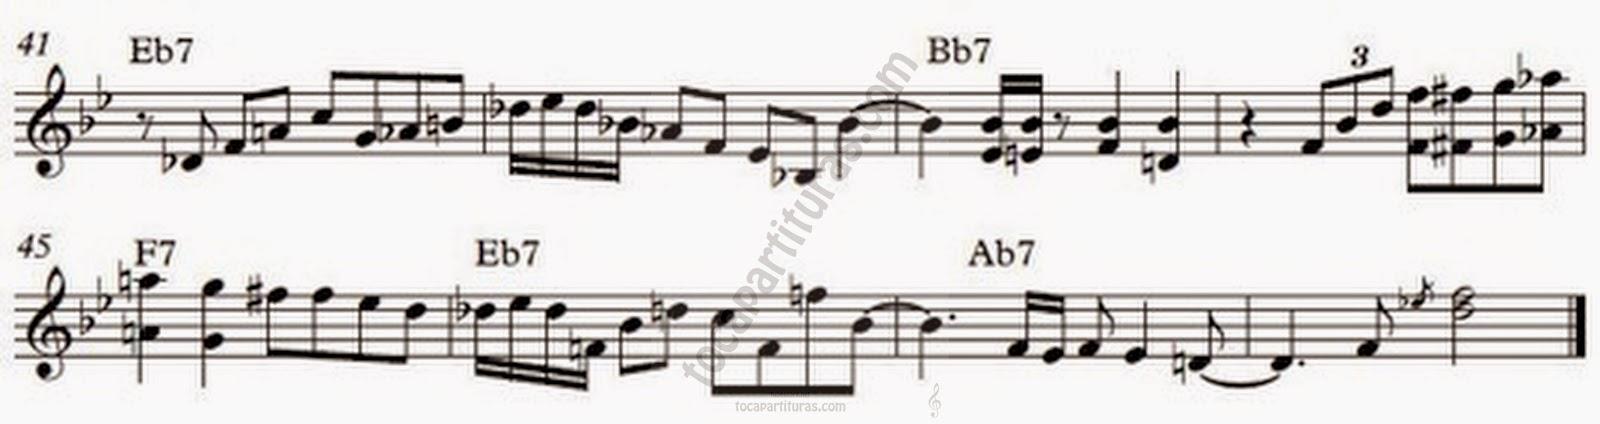 3 Transcripción del Solo de Piano de Wynton Kelly. Partitura del Tema Freddie Freeloader por Leonardo D'Atri